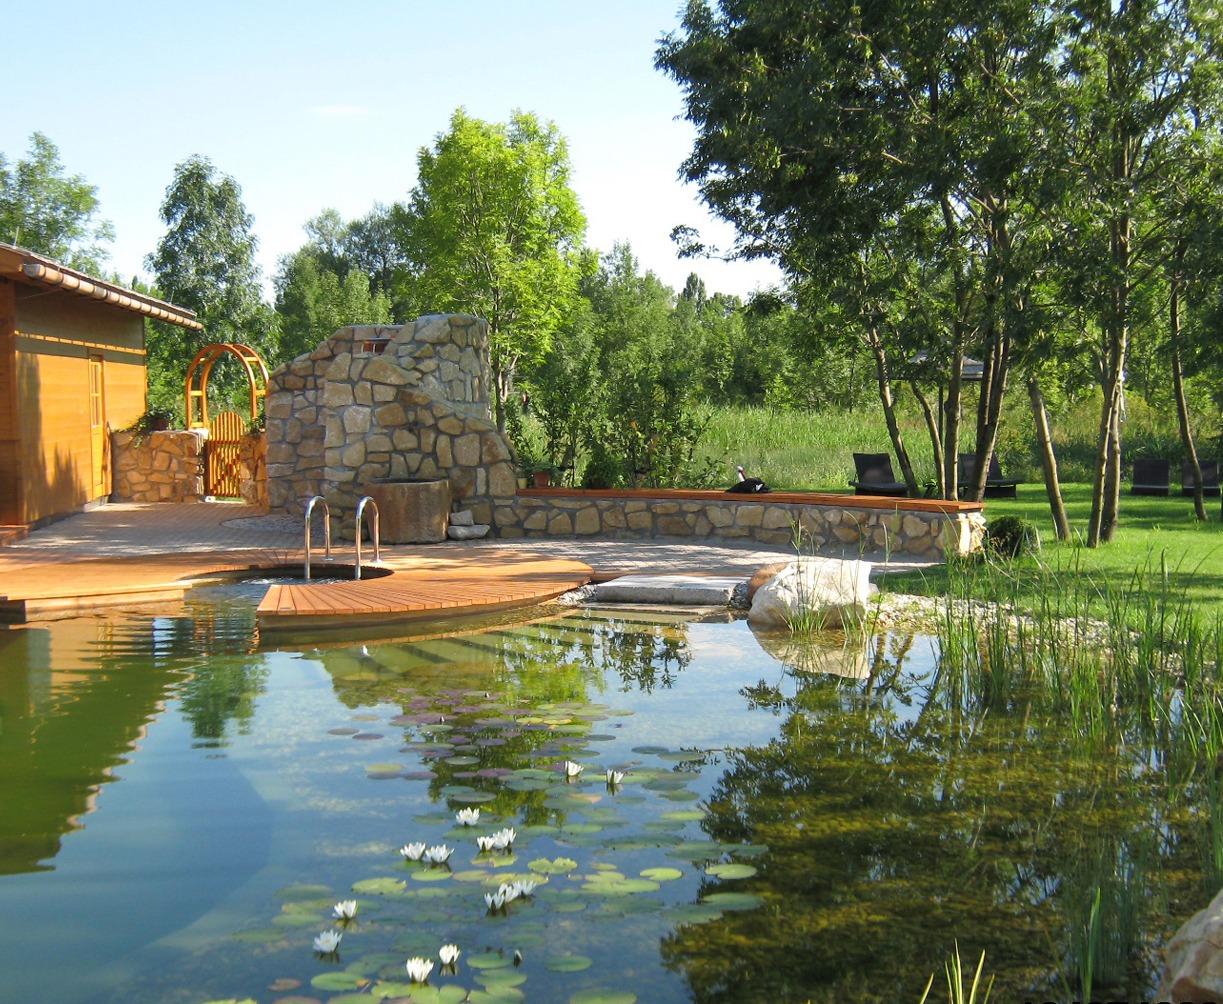 Teich, Seerose, Steinmauer